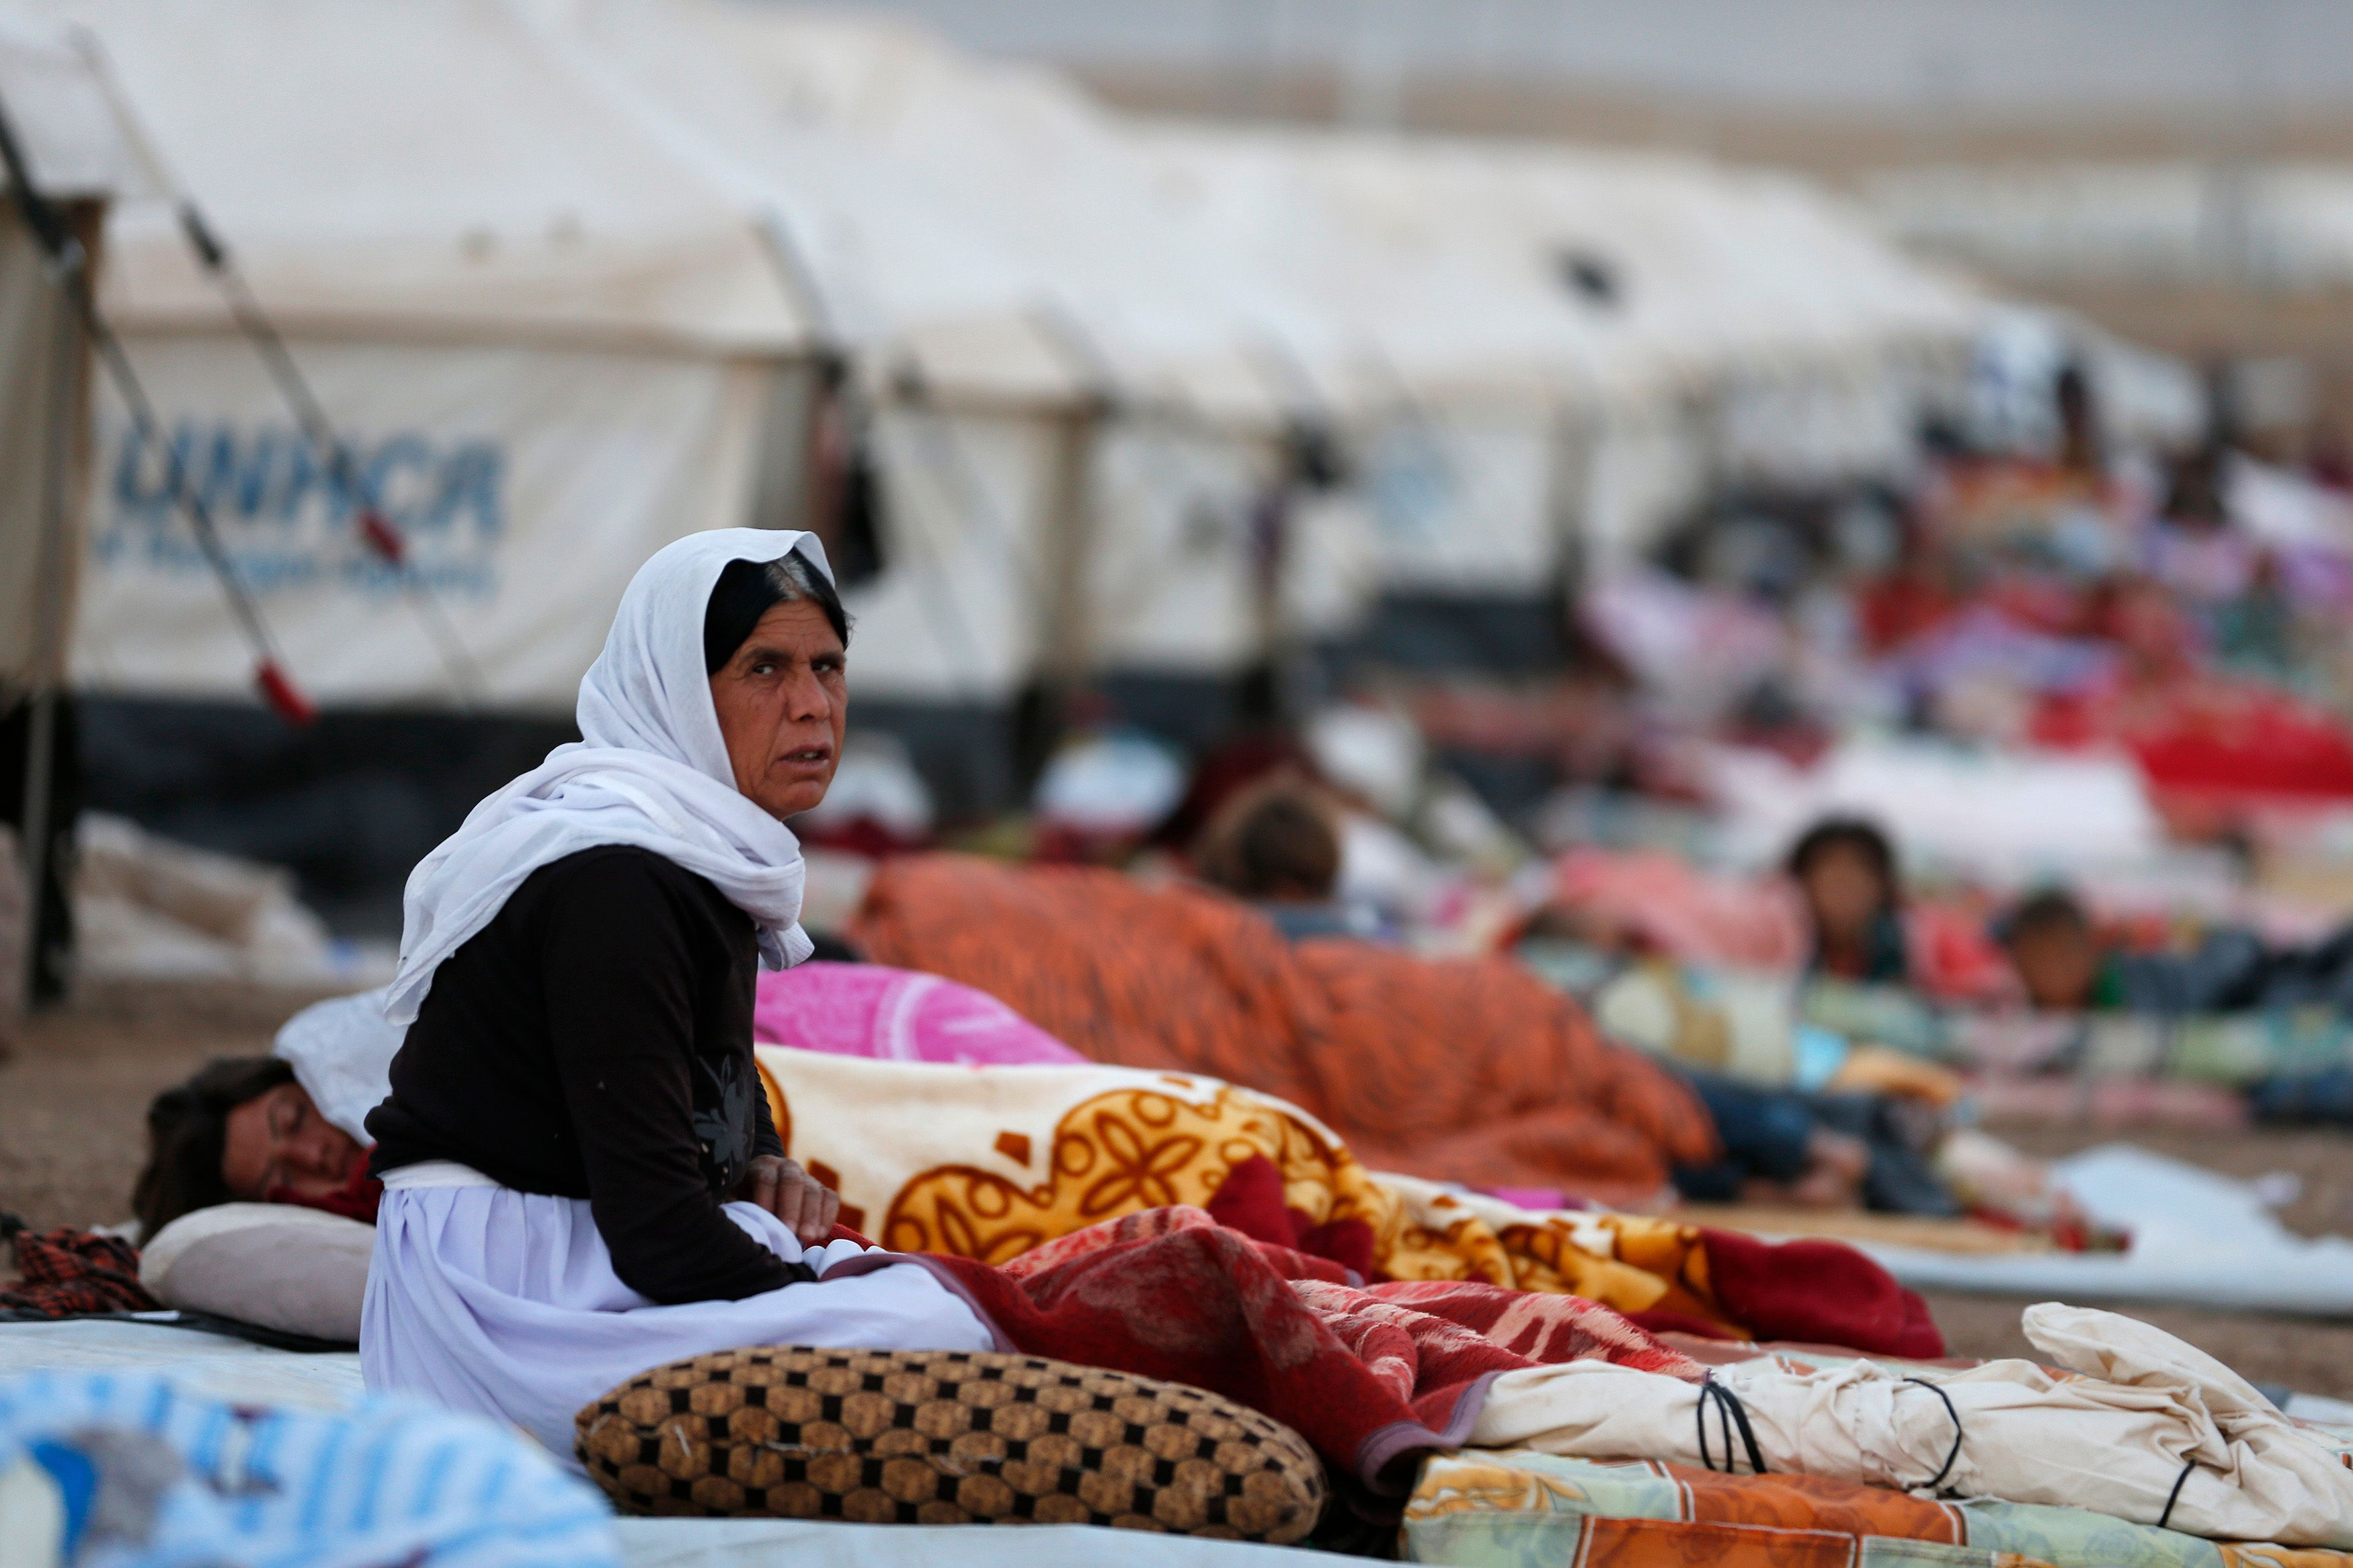 Syrie : le nombre de réfugiés grimpe à plus de 4 millions